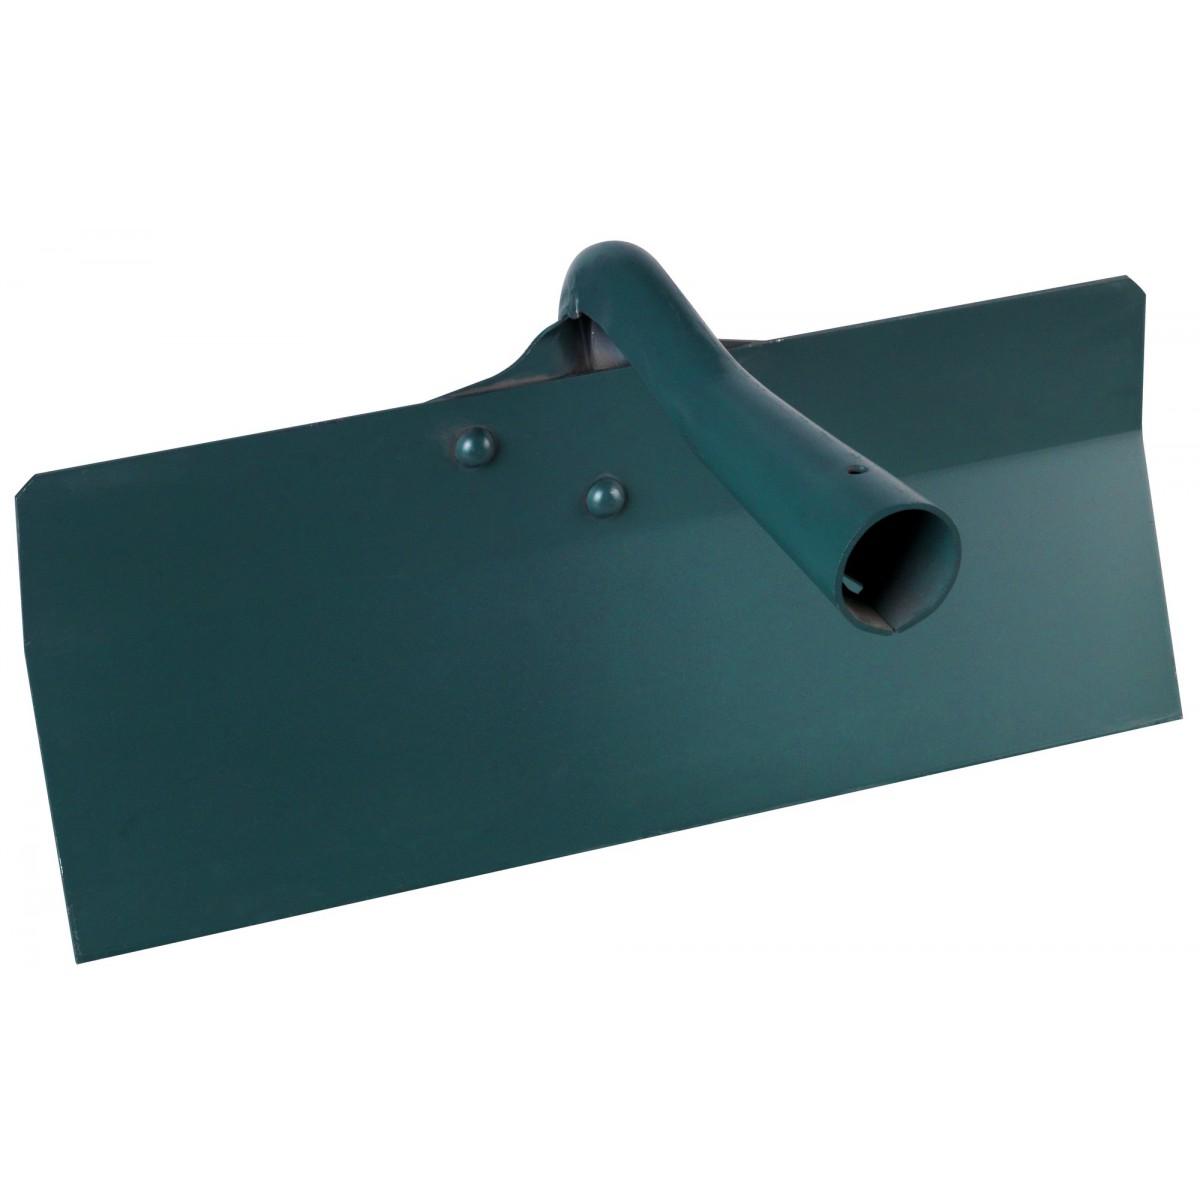 Racloir de cantonnier Forges de Magne - Longueur lame 35 cm